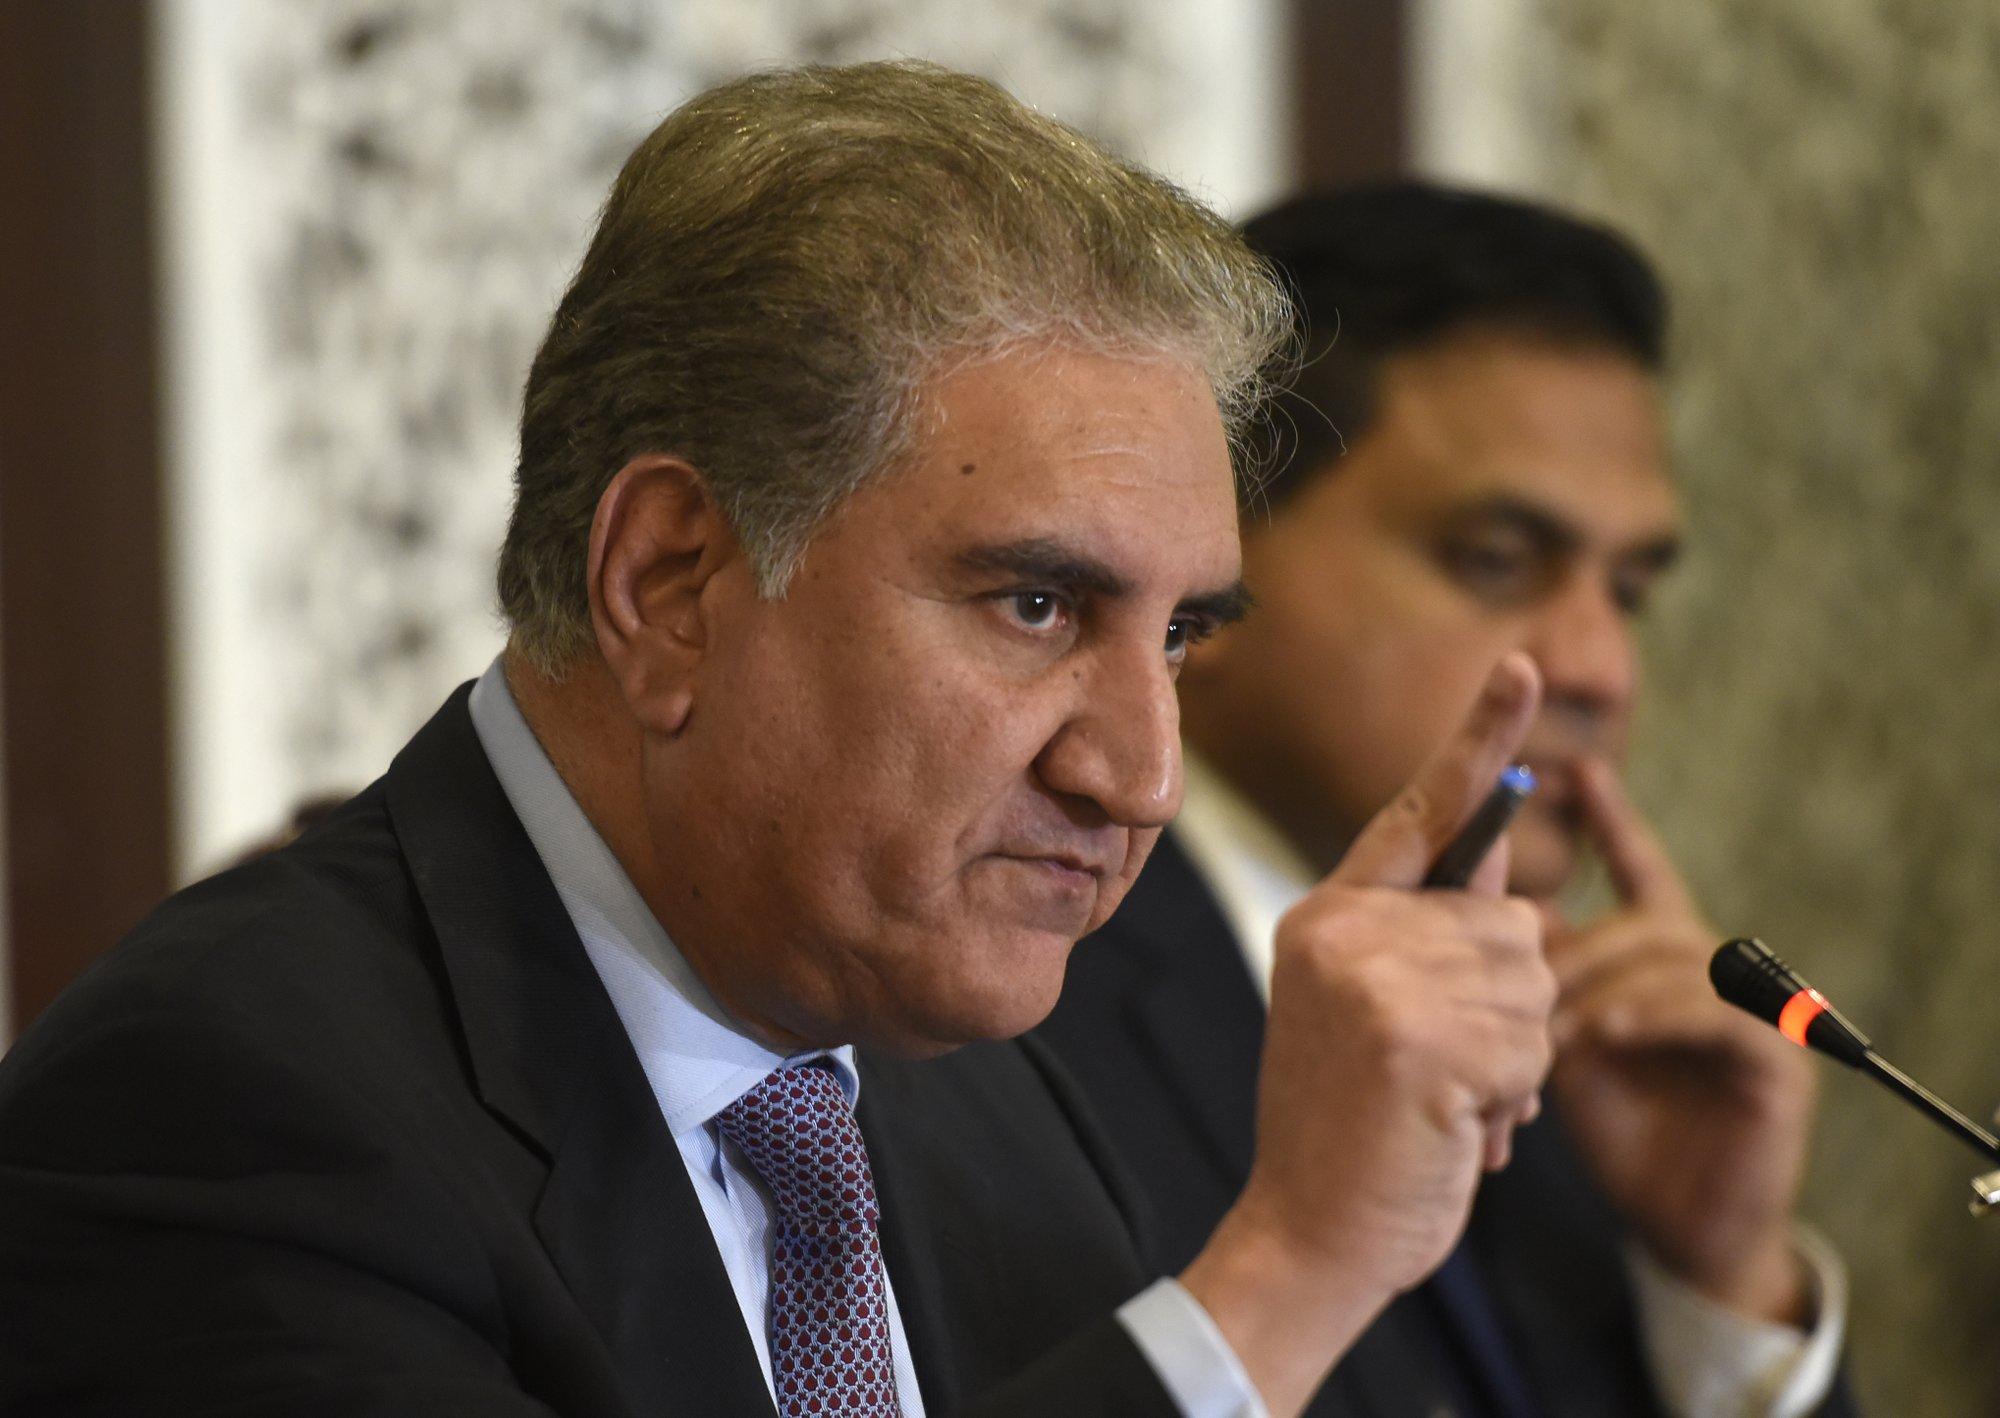 The Latest: UN chief urges no action on Kashmir status